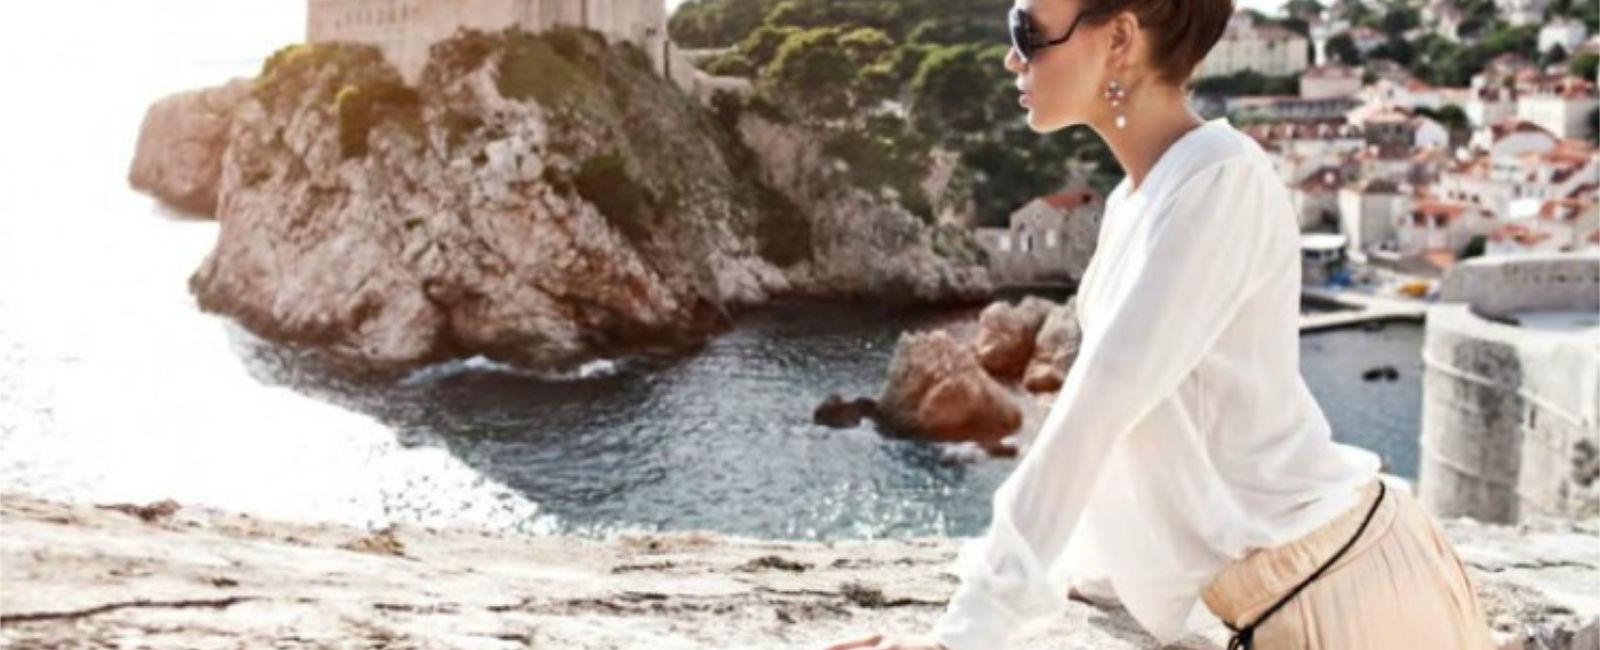 Η Ελλάδα πρωταγωνιστεί στον τουρισμό πολυτελείας